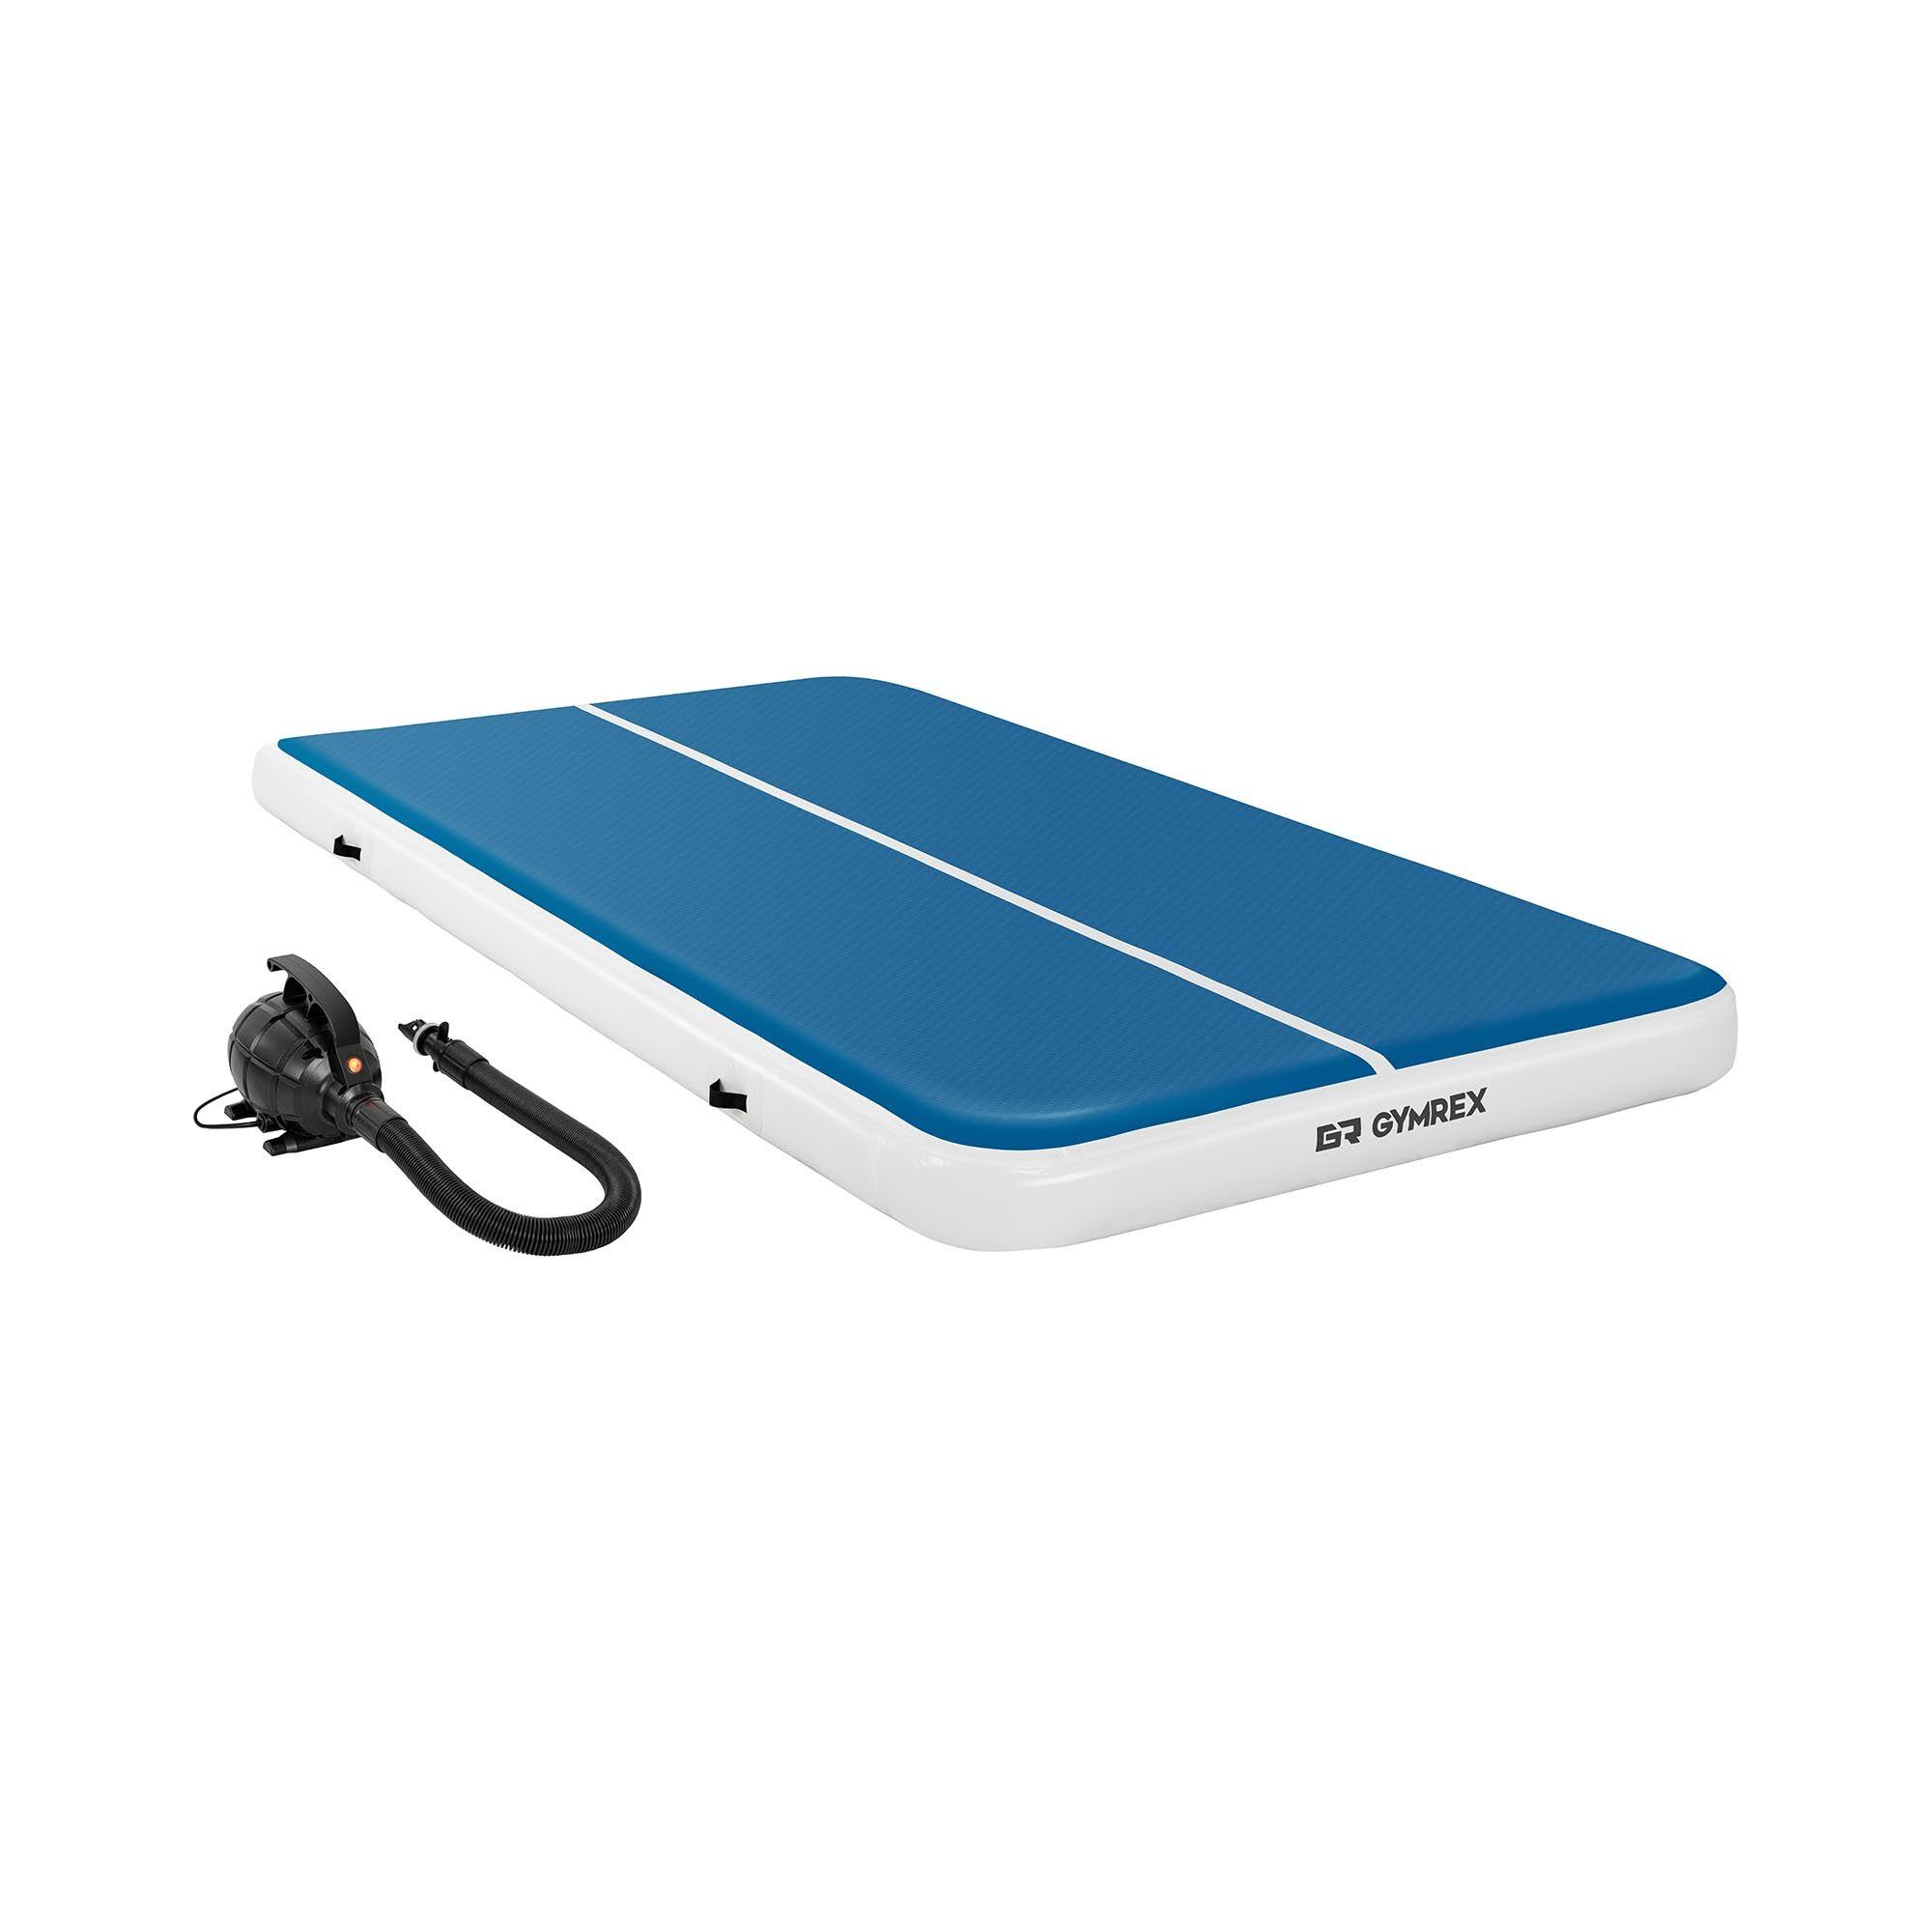 Gymrex Air track - Aitrack avec gonfleur électrique - Airtrack - 300 x 200 x 20 cm - 300 kg - Bleu/blanc GR-ATM8-SET